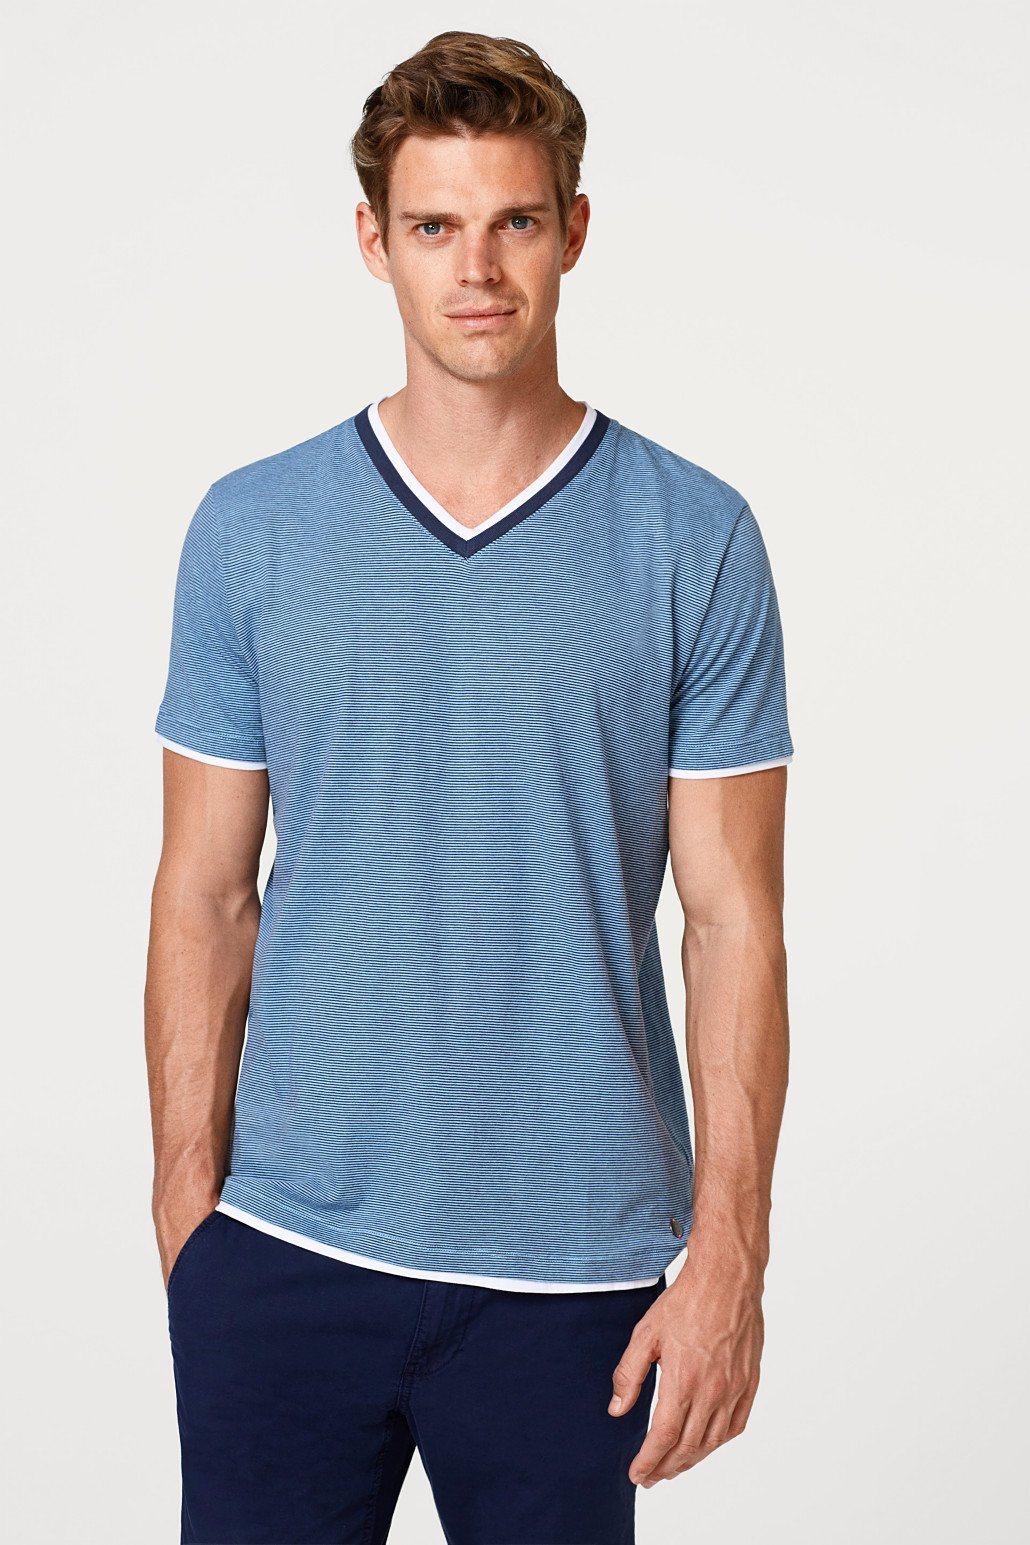 ESPRIT Gestreiftes Layer-Shirt aus Baumwolljersey | Bekleidung > Shirts > Sonstige Shirts | Jersey - Baumwolle | Esprit